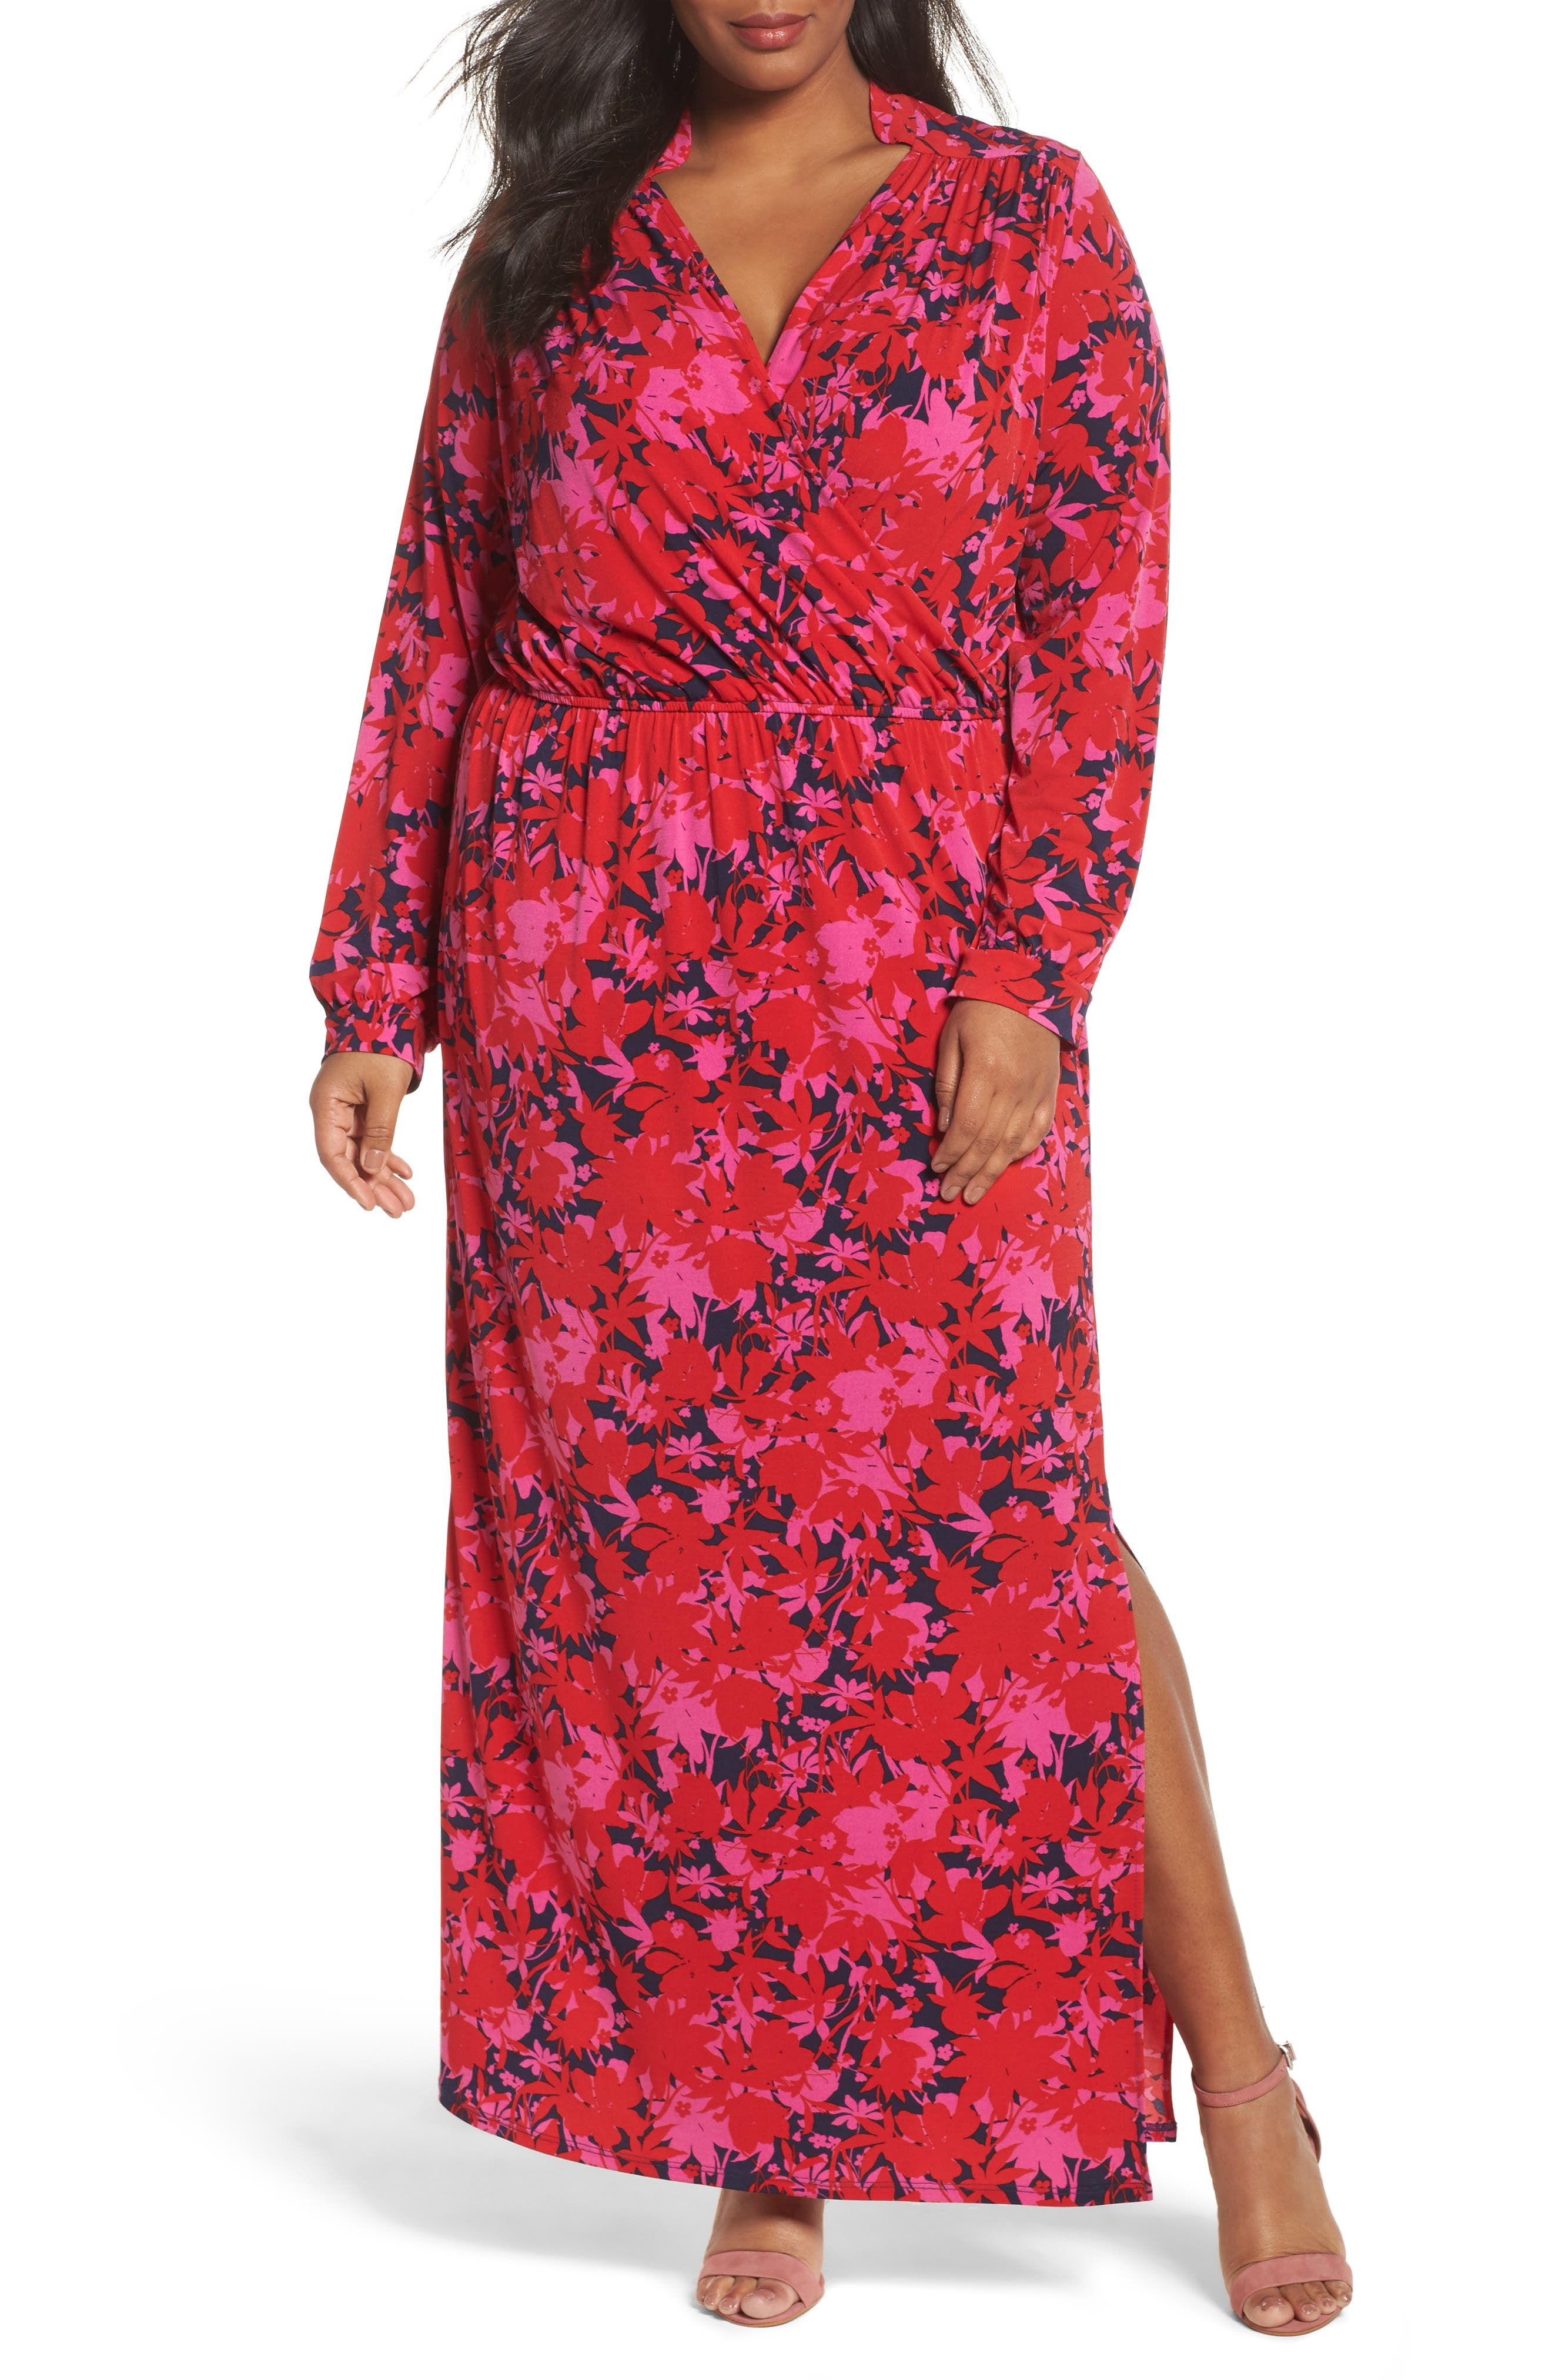 Leota Bridget Floral Faux Wrap Maxi Dress (Plus Size)